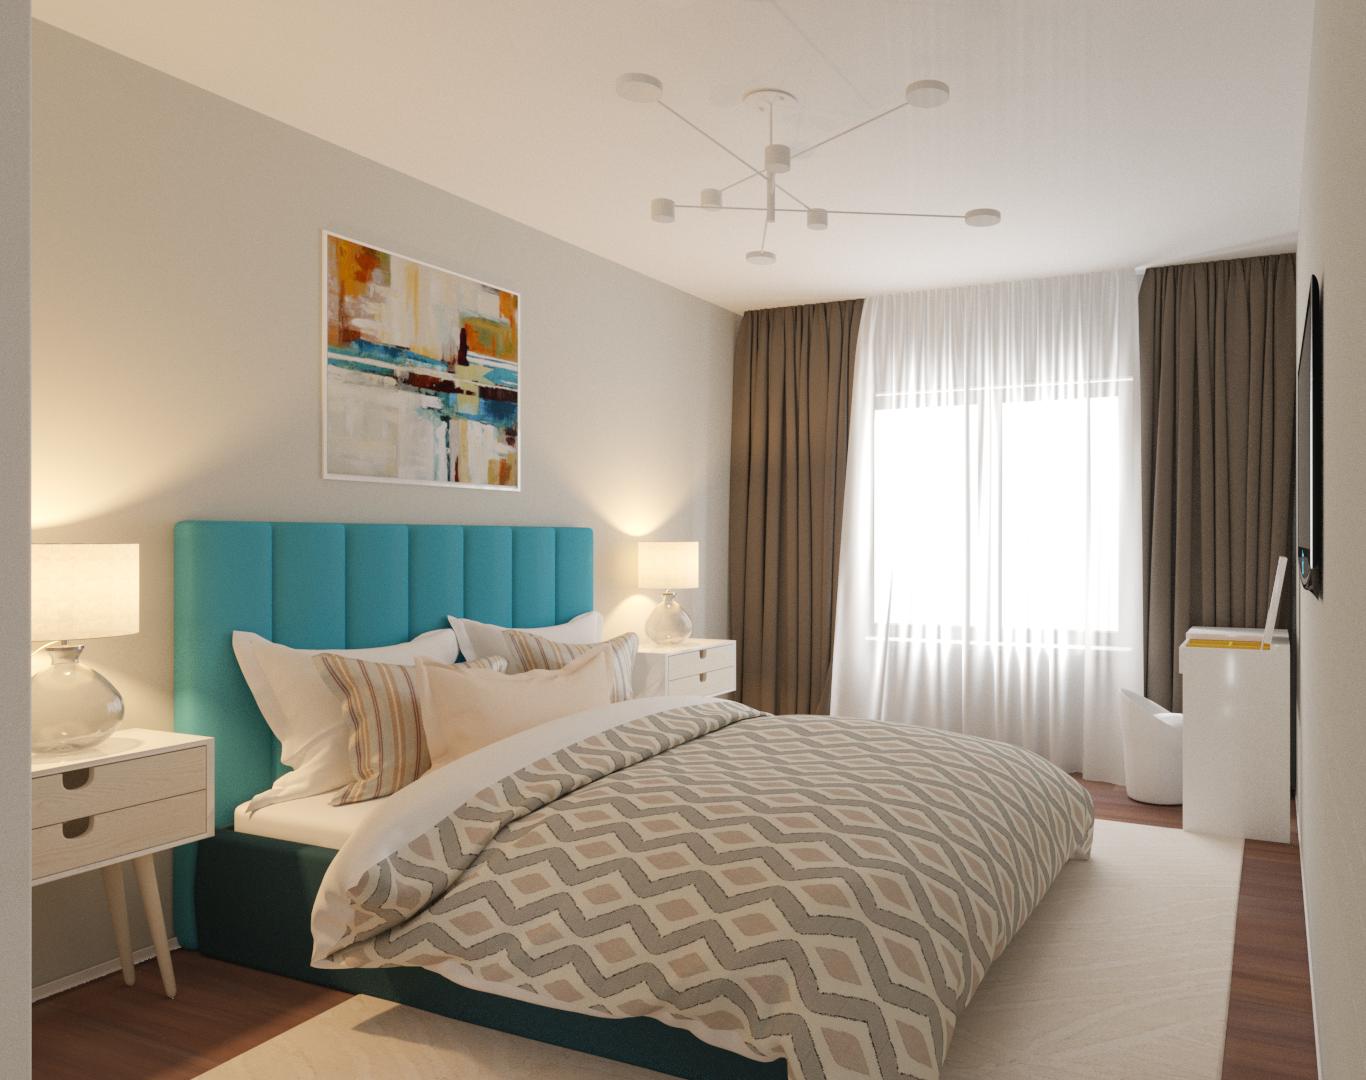 Фото Визуализация спальни в рамках дизайн проекта. Квартира 54 кв.м